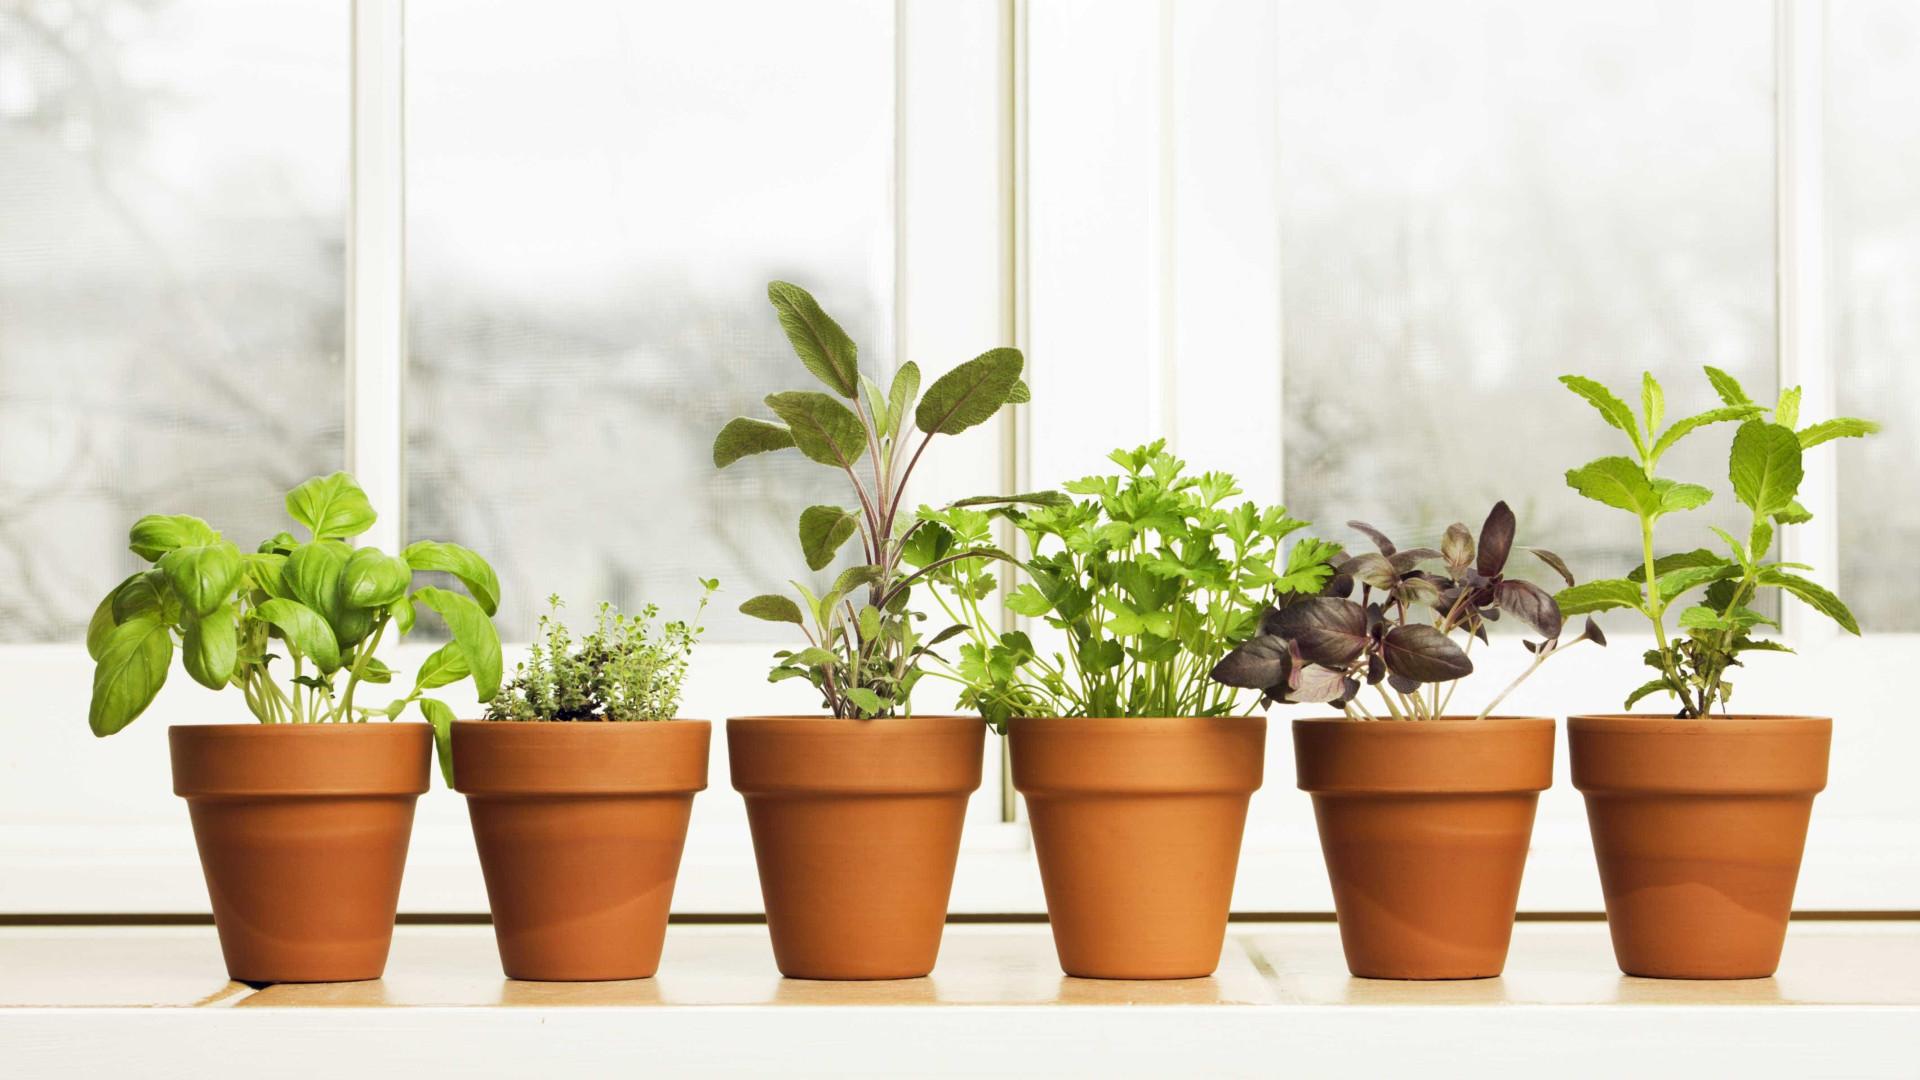 Eis como ter plantas, flores e temperos em qualquer lugar da casa